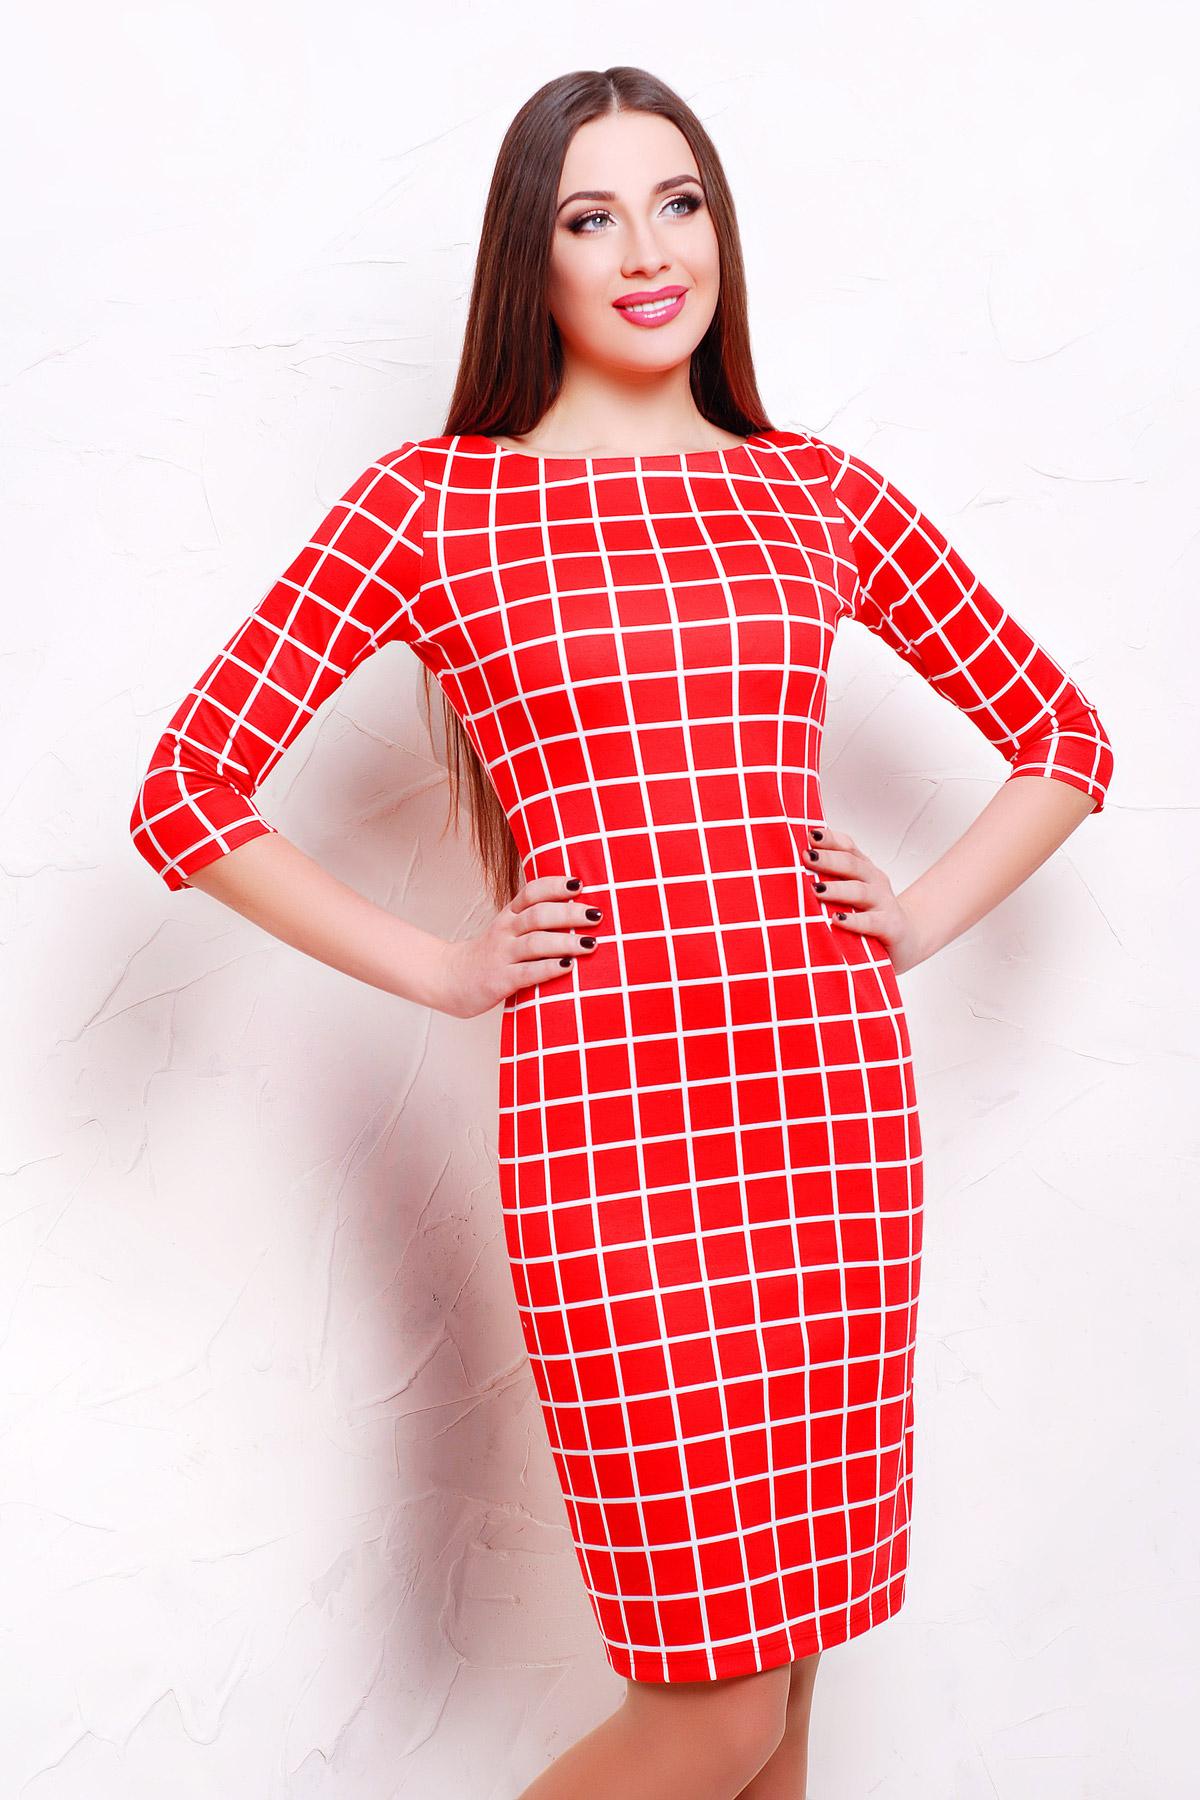 Клетка красная платье Лоя-1Ф д/р